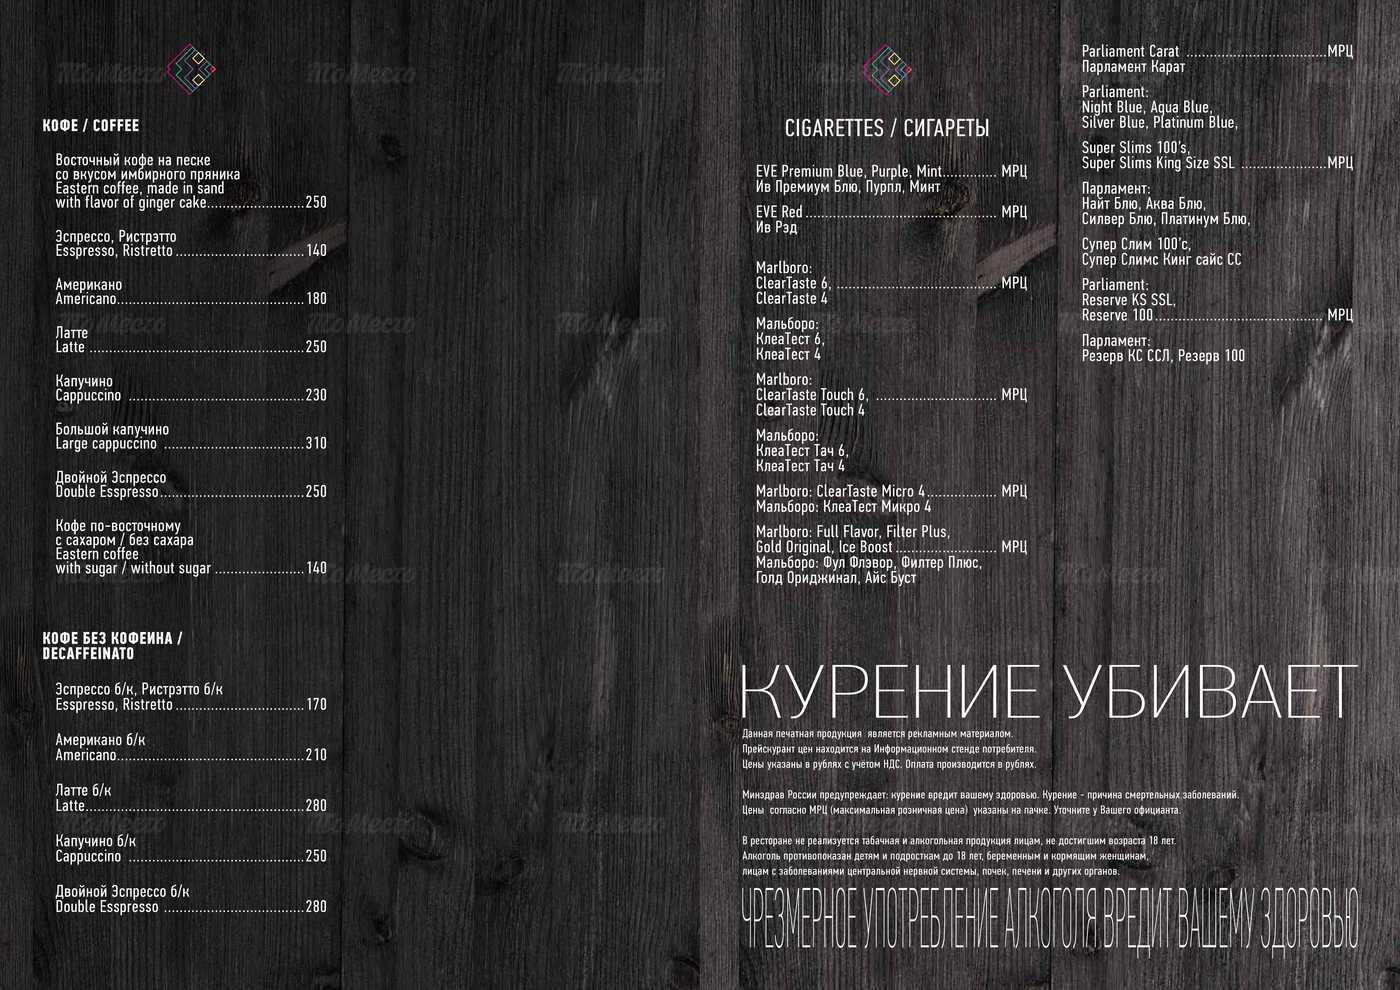 Меню кафе, ресторана Кебабберия на Кутузовском проспекте